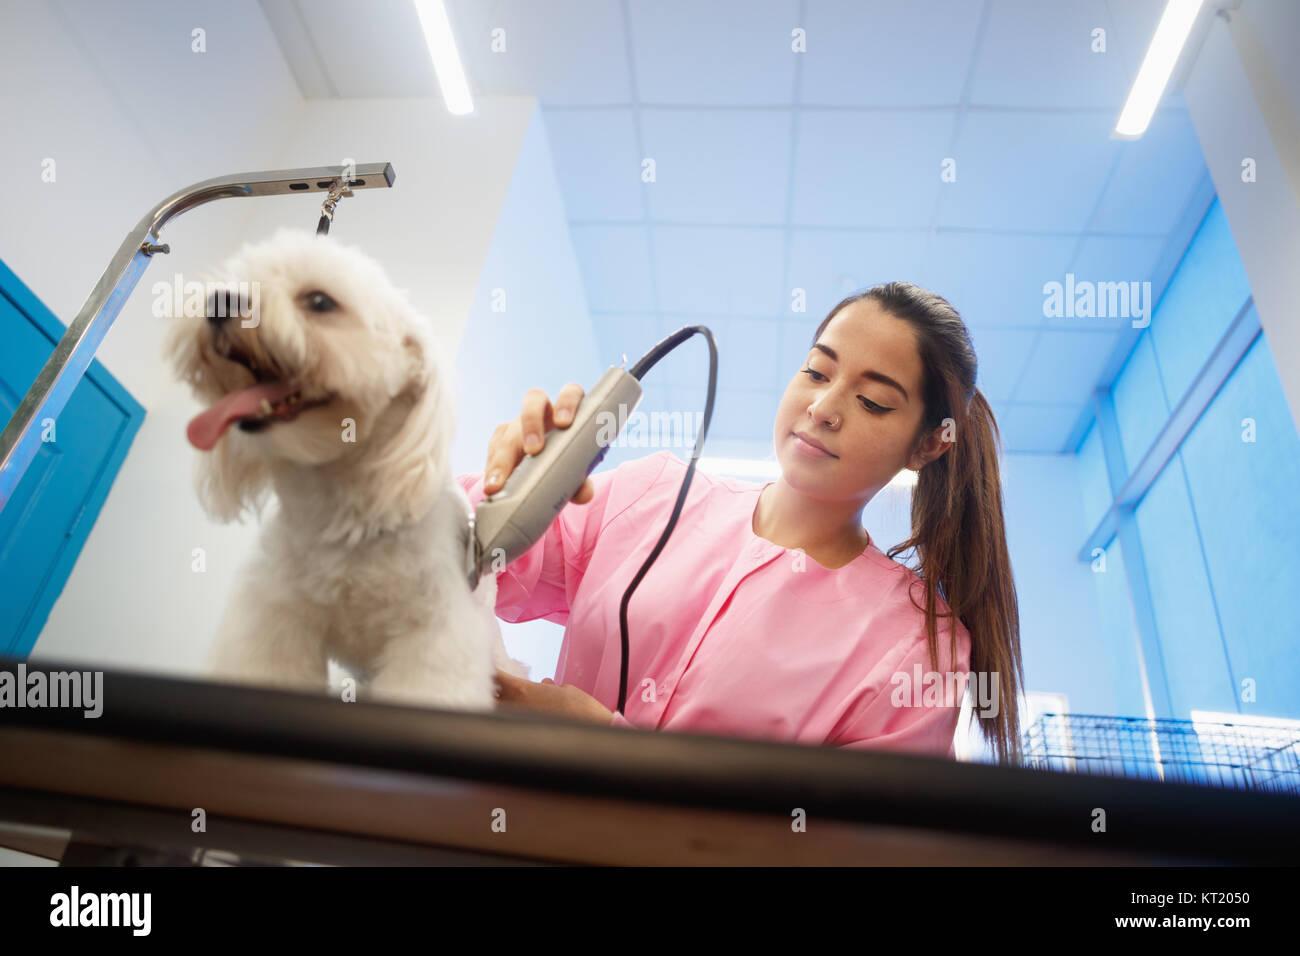 Joven que trabaja en la tienda de mascotas, recortar el pelo del perro con Clipper, girl grooming puppy de la belleza Imagen De Stock